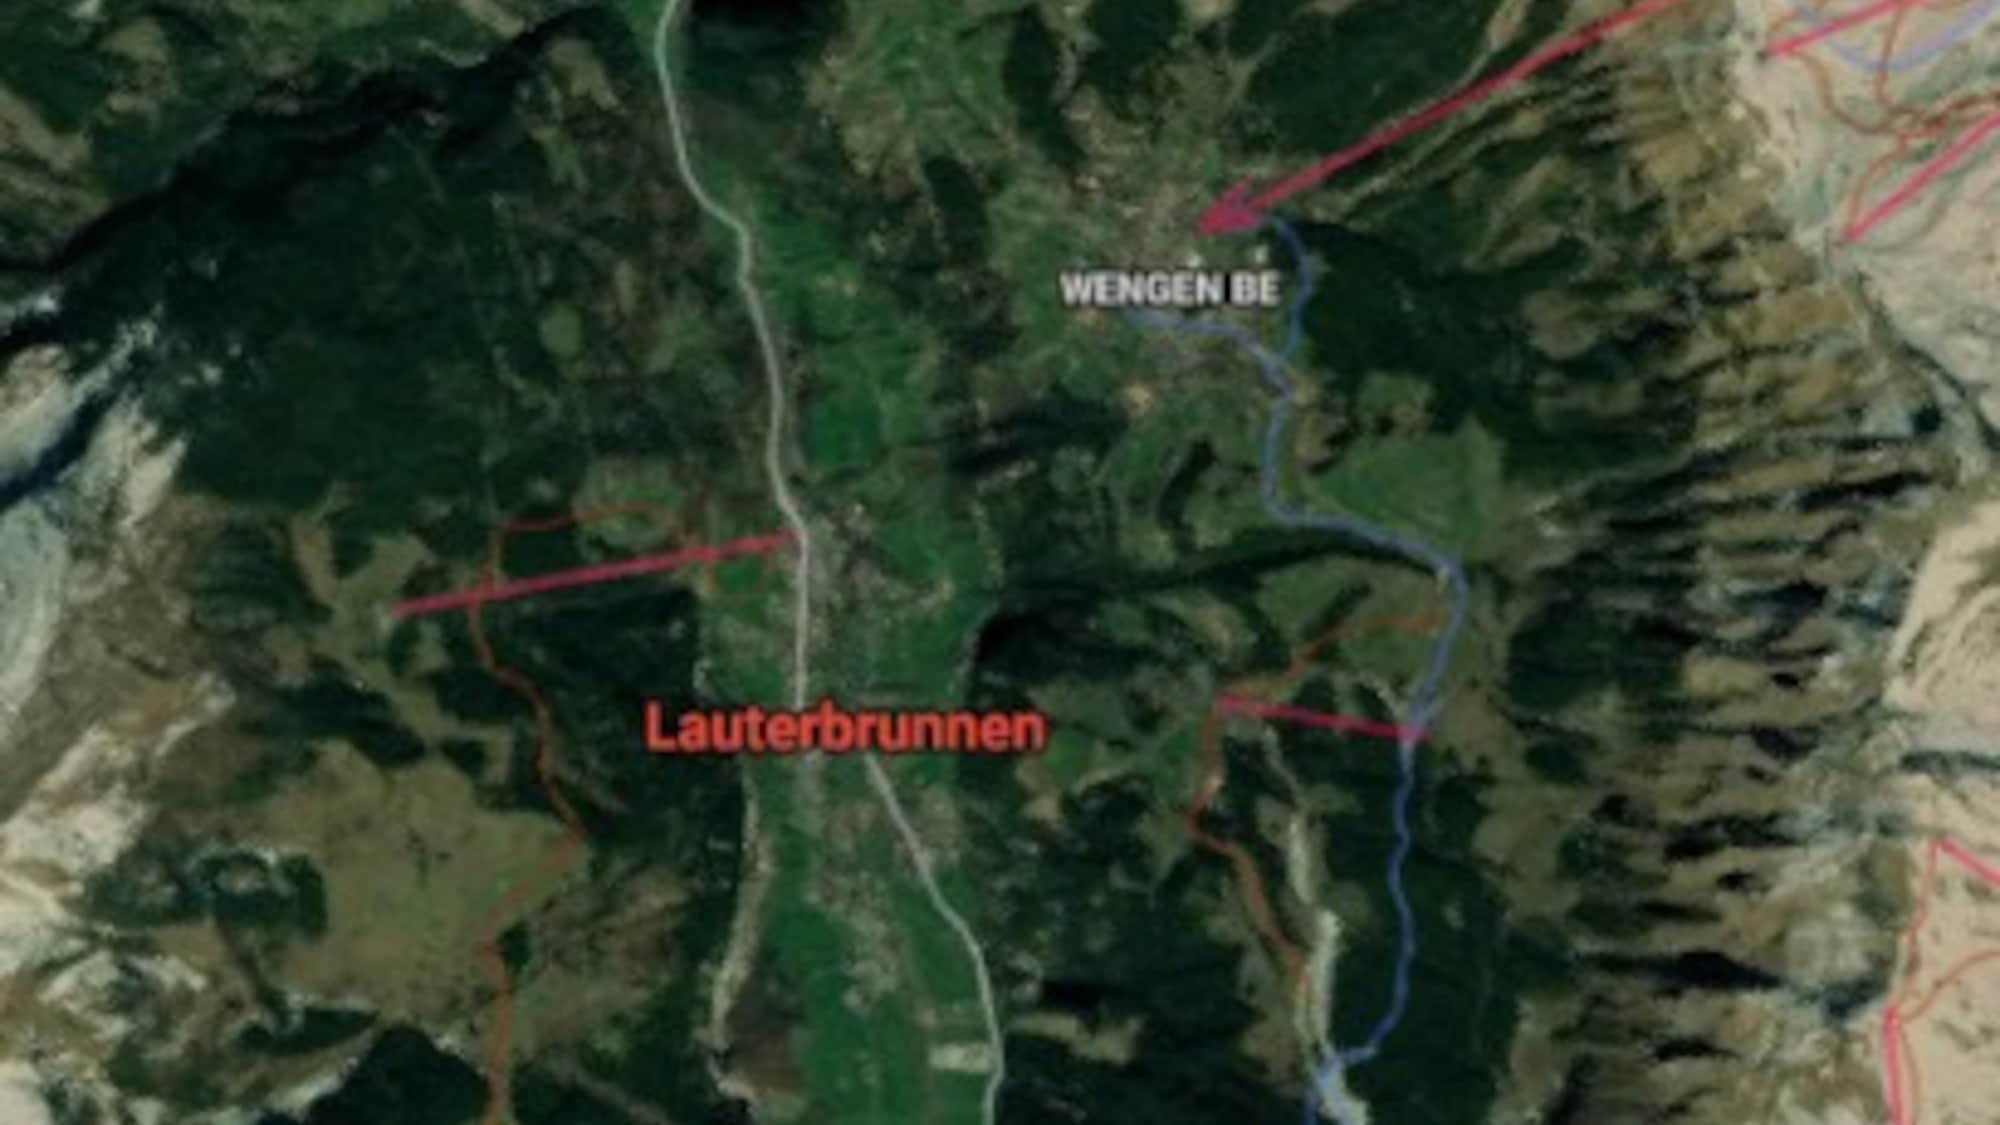 Seit einer Woche vermisst: Mountainbiker (†63) leblos im Wald in Lauterbrunnen aufgefunden